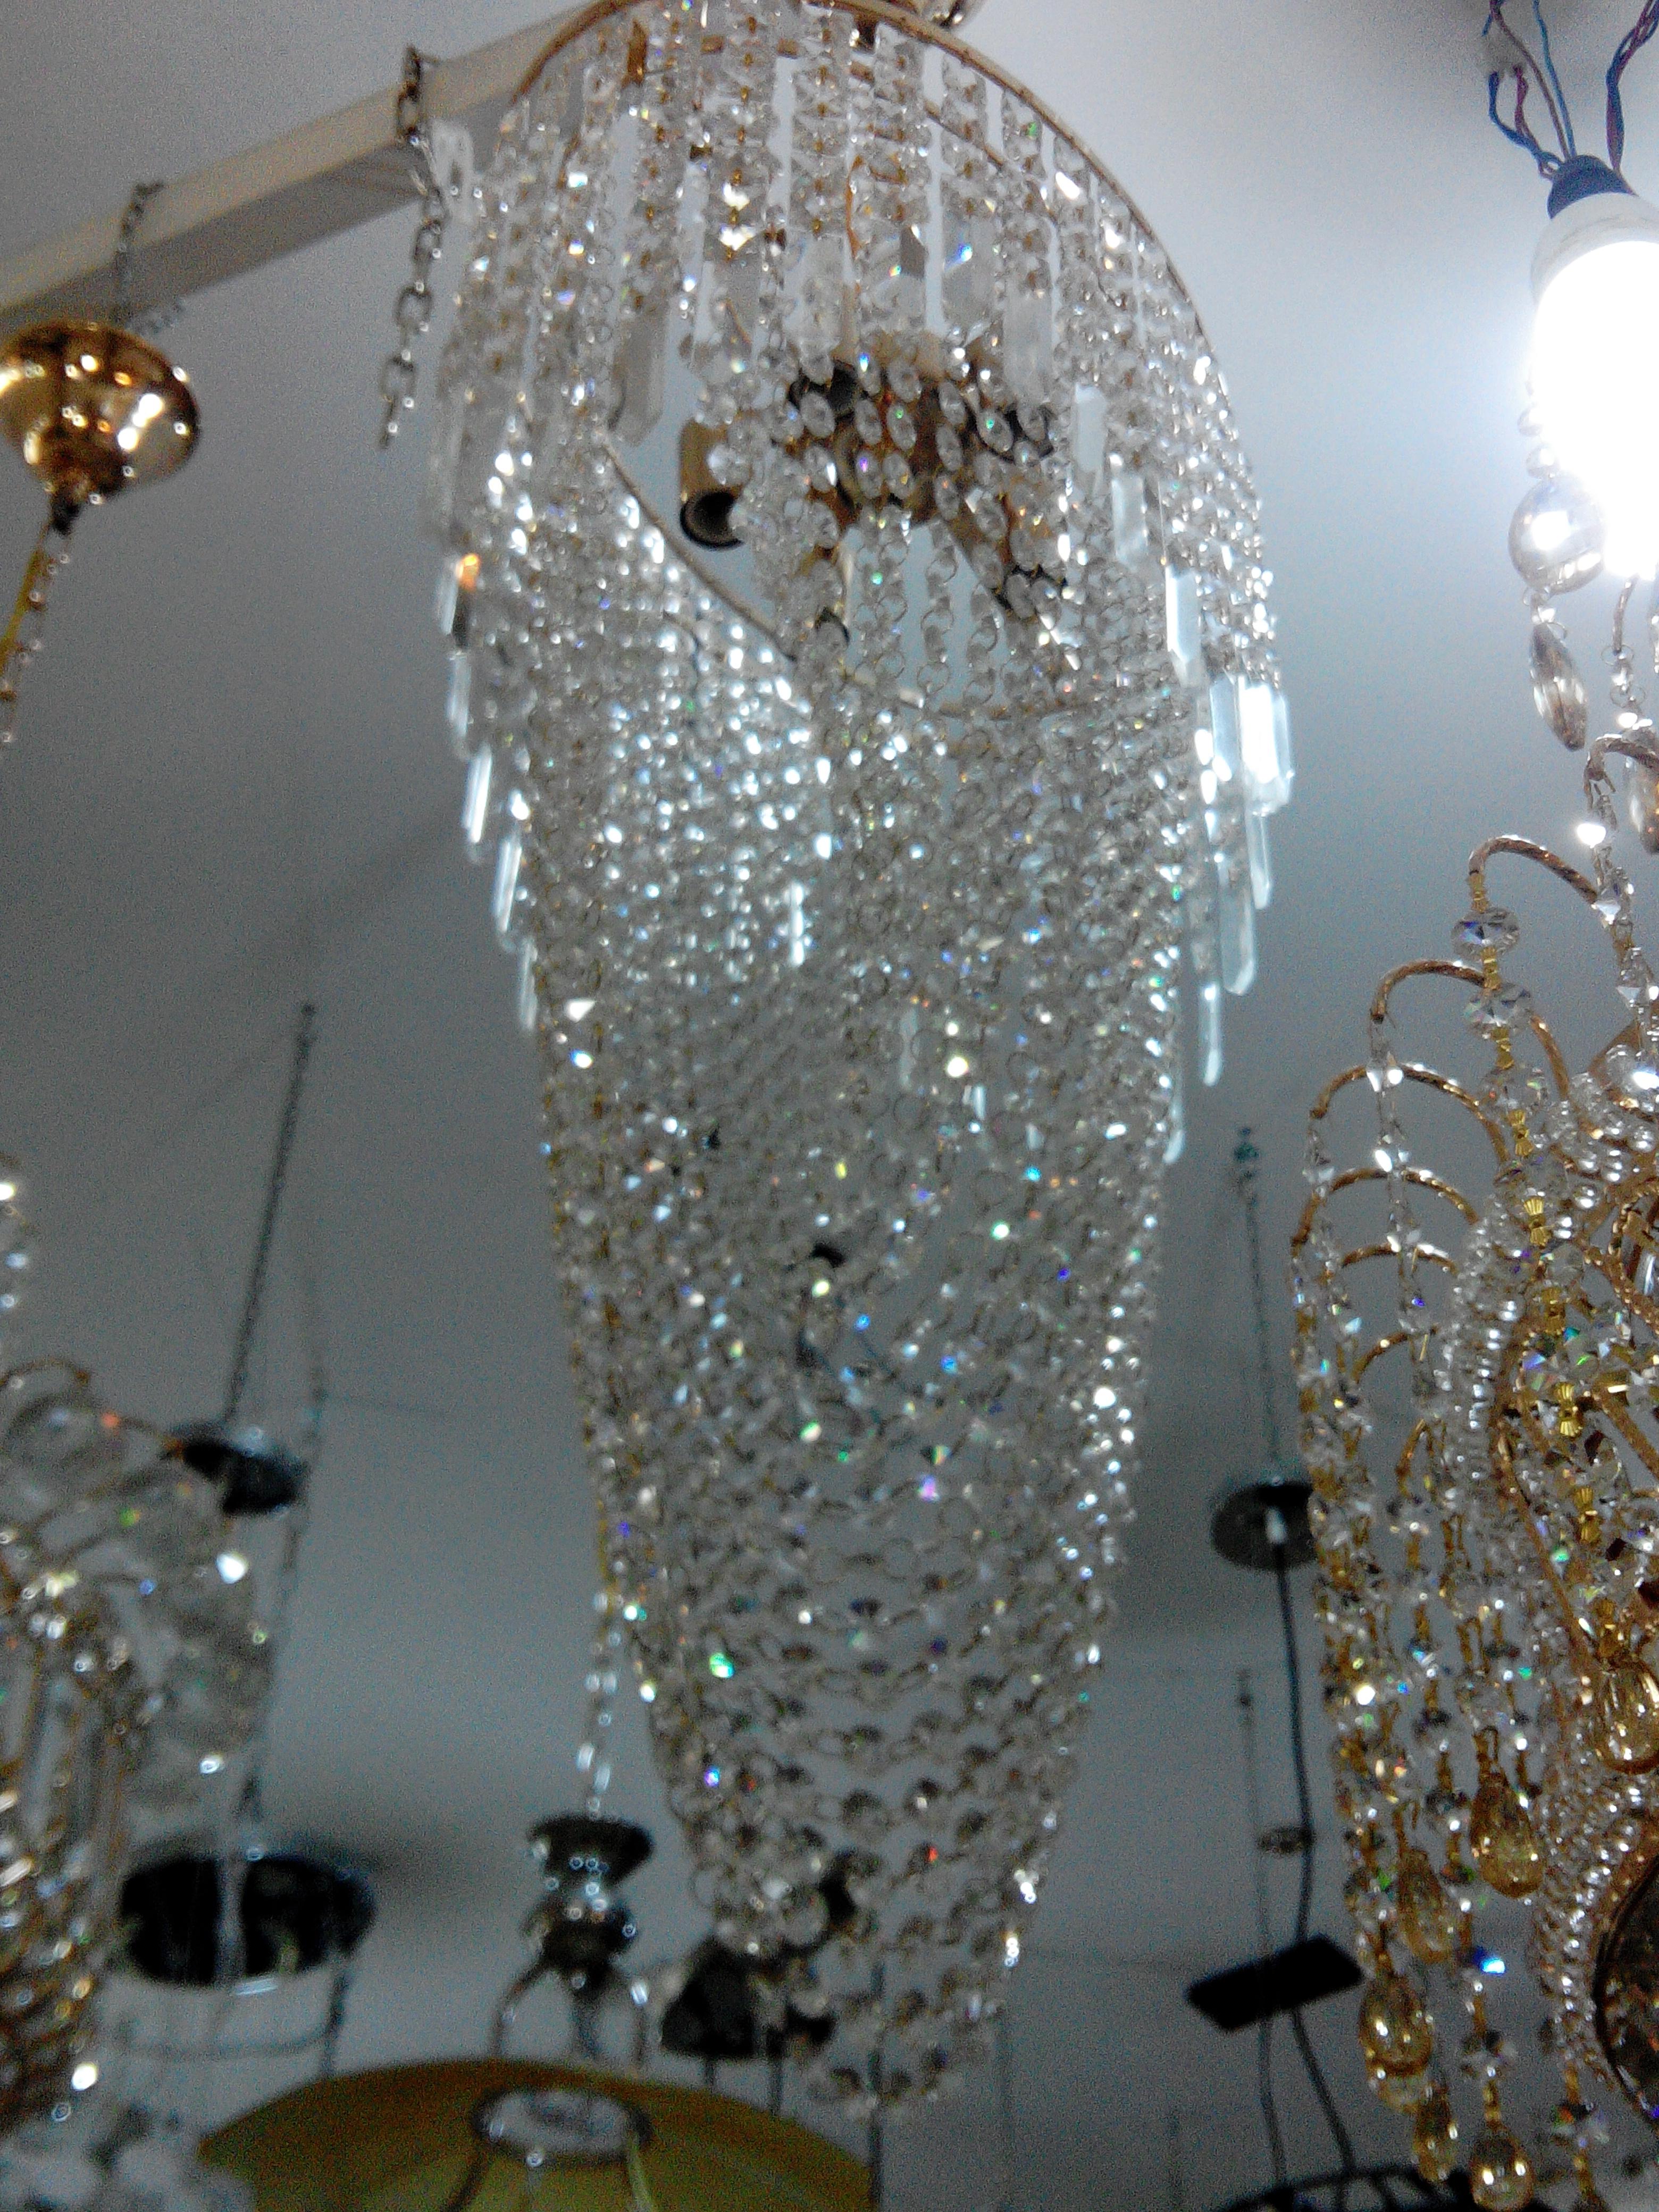 Lustre dor 5f cristal italien meubles et d coration tunisie - Produit nettoyage lustre cristal ...